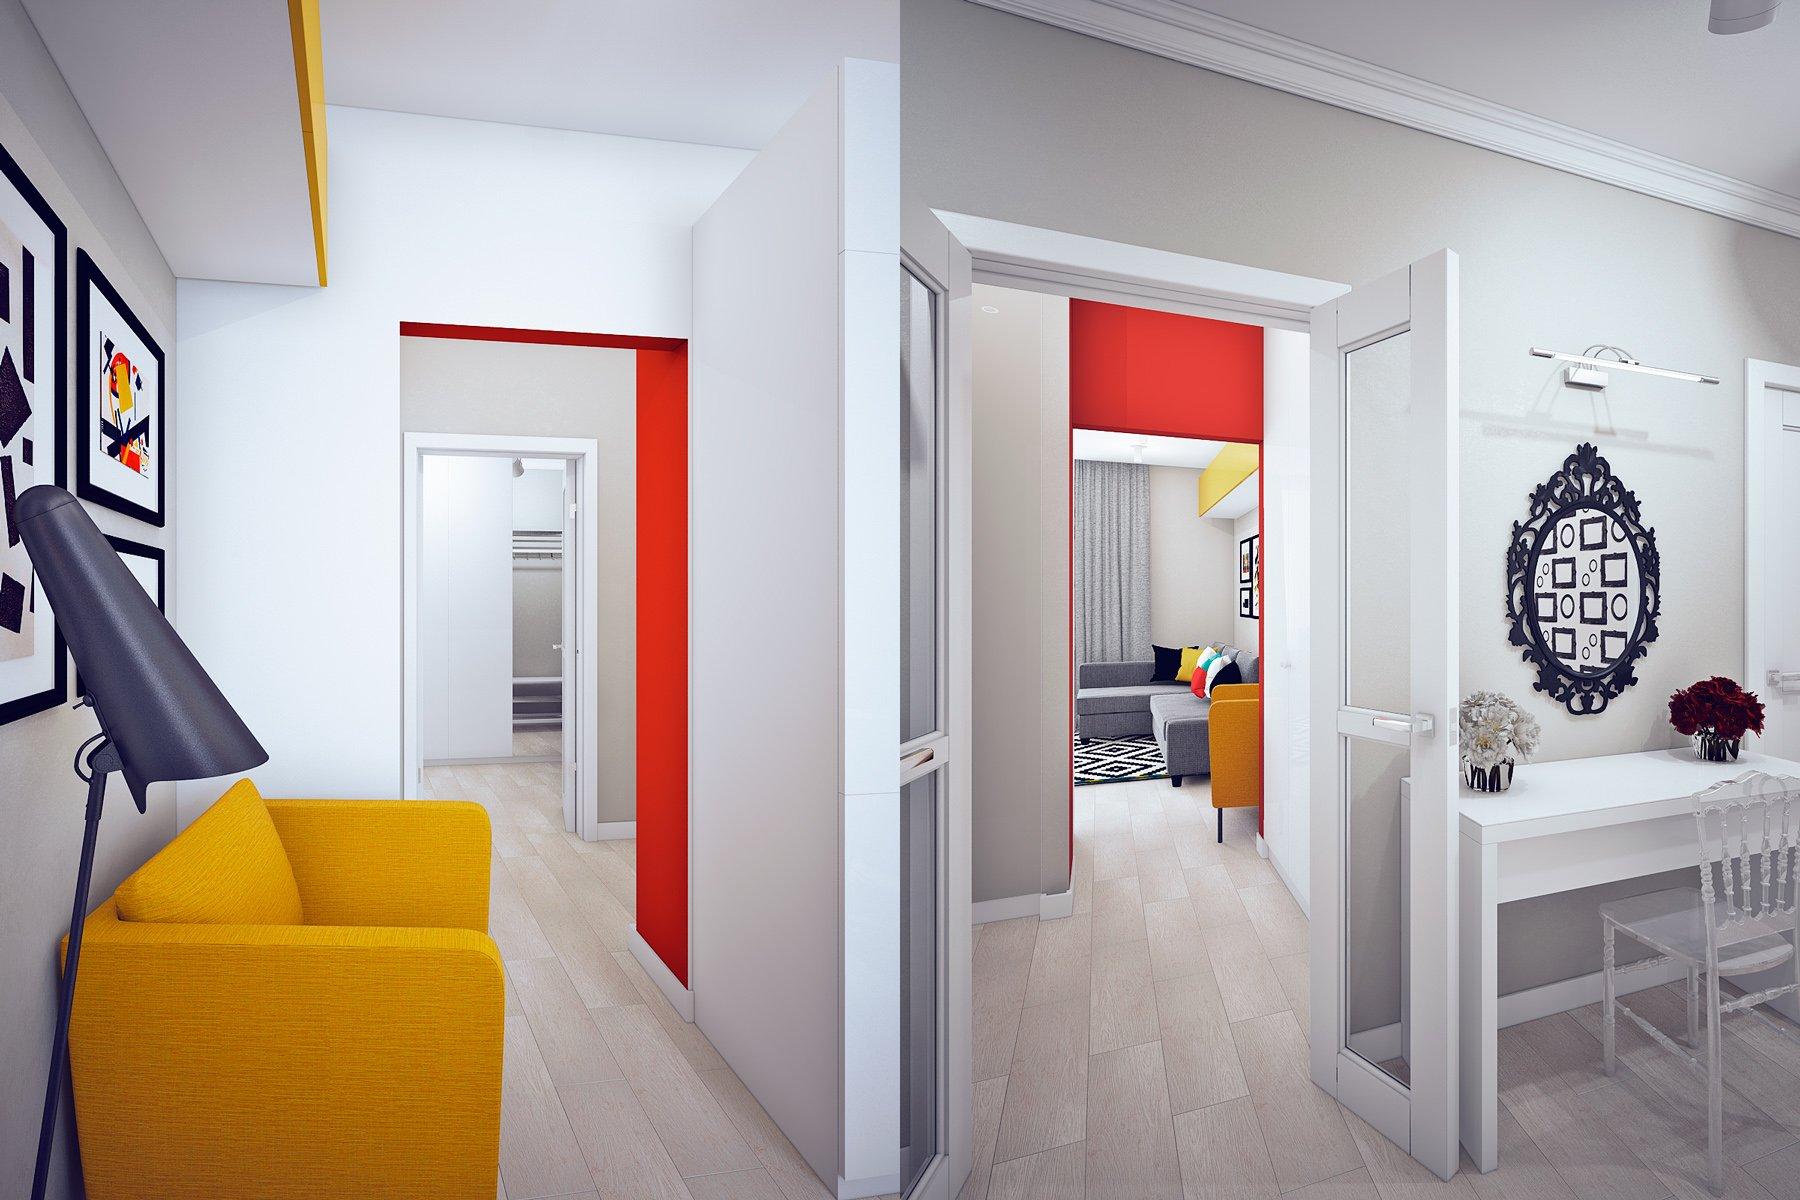 proekt-za-apartament-s-tsveten-i-dinamichen-interior-5g